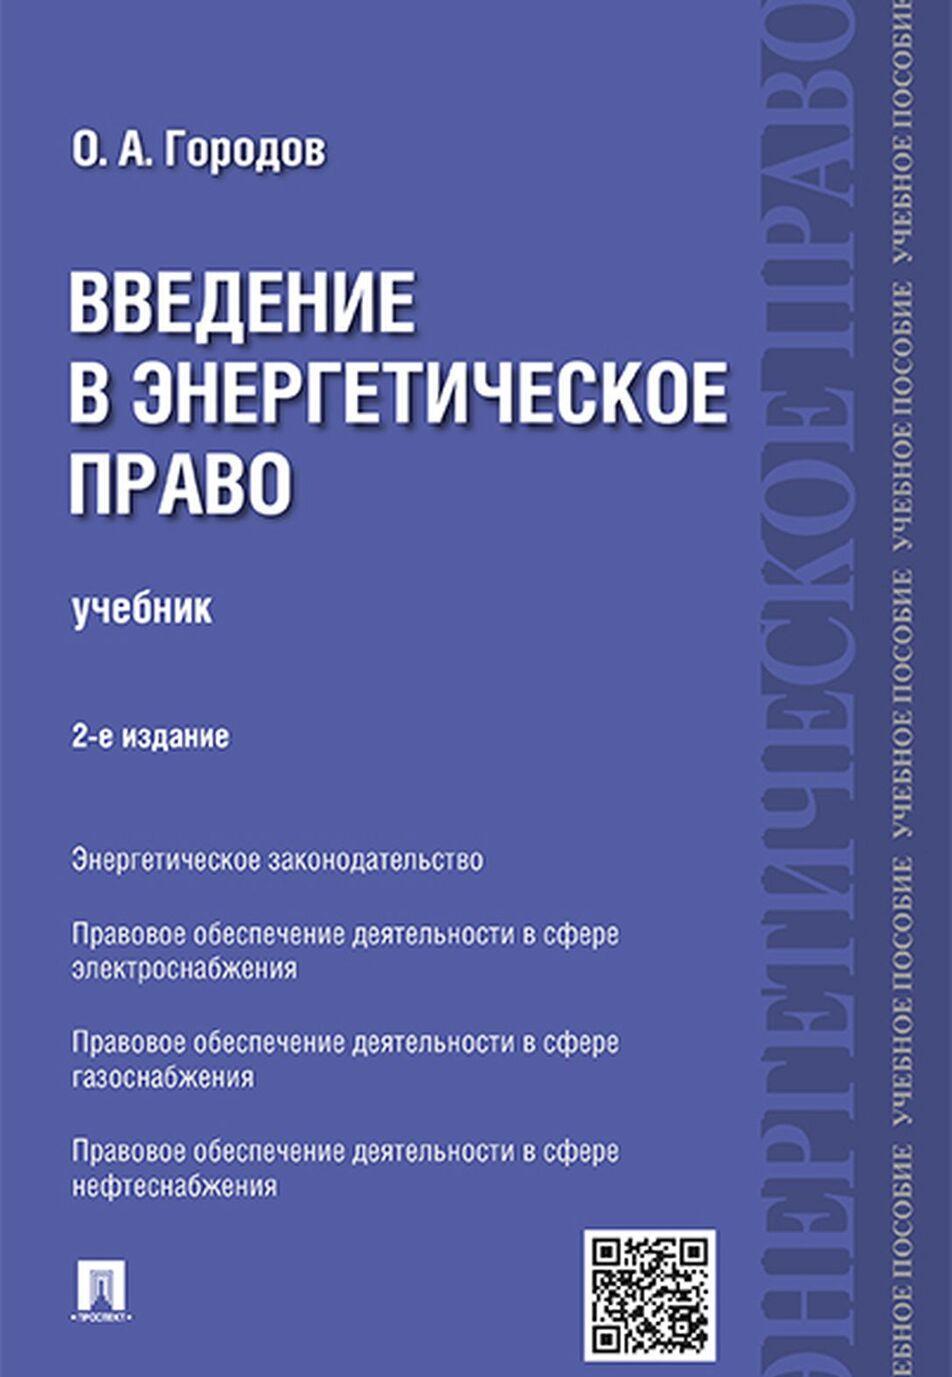 Vvedenie v energeticheskoe pravo. Uchebnik | Gorodov Oleg Aleksandrovich